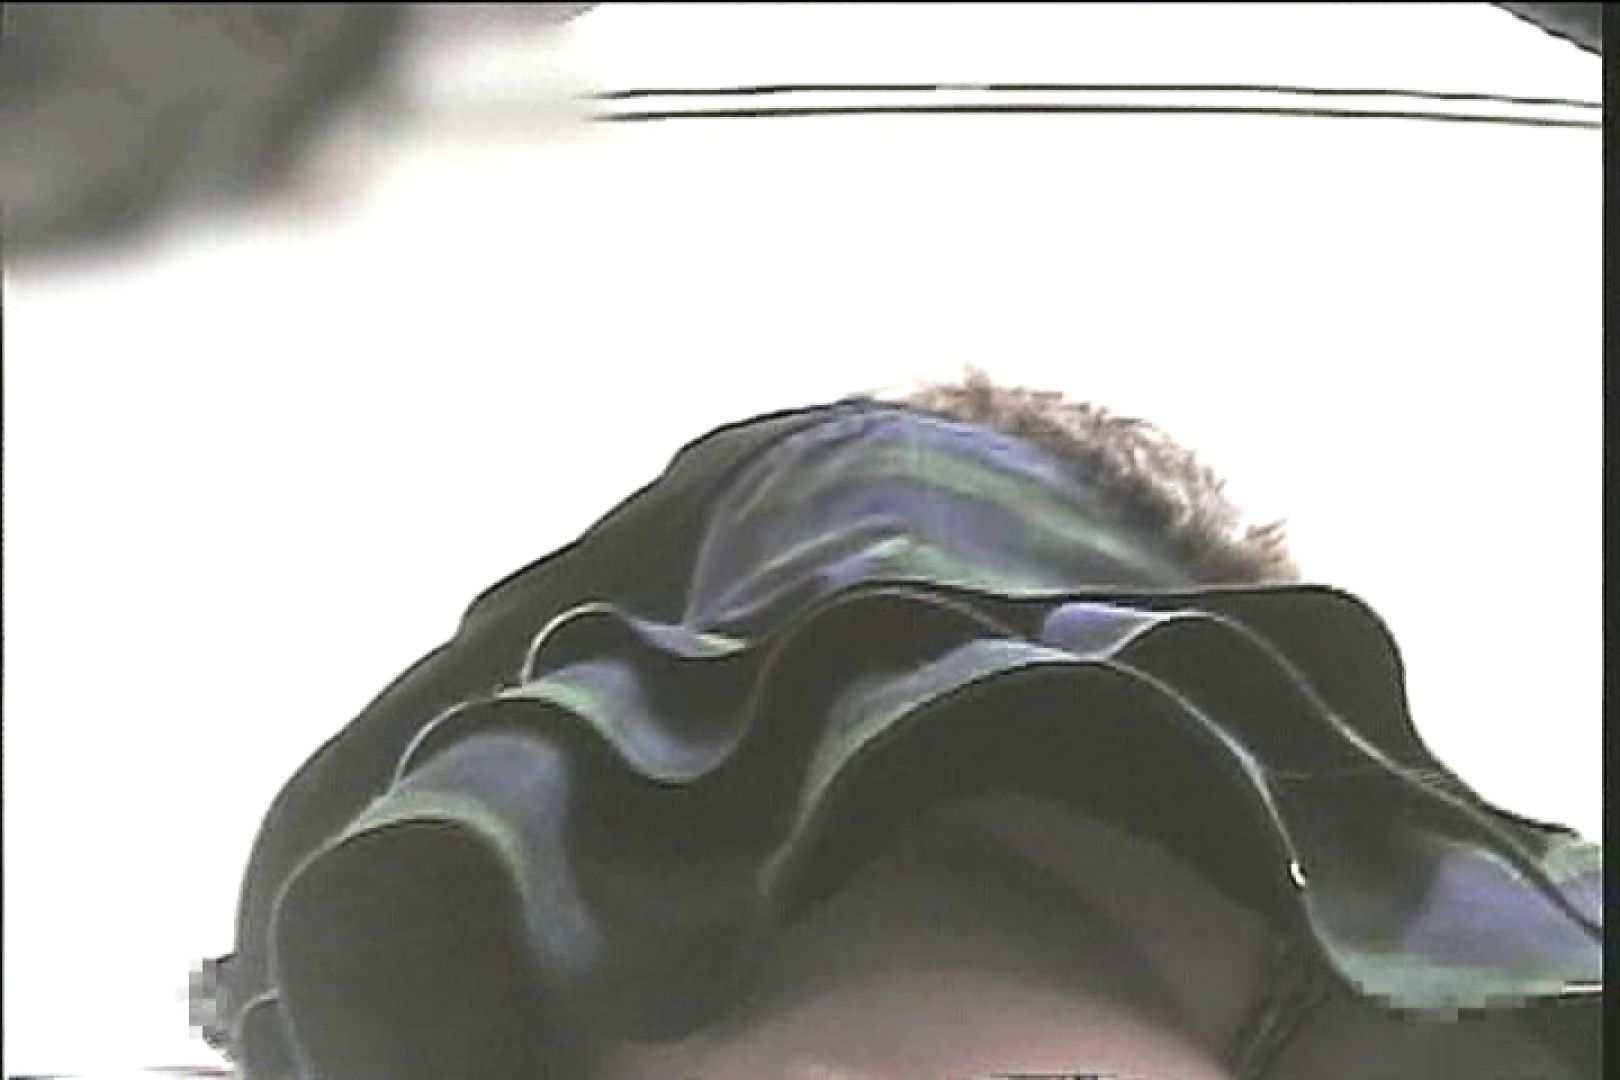 ショップギャルパンチラ!ただ今接客中!!Vol.29 独身エッチOL   パンチラハメ撮り  106pic 35